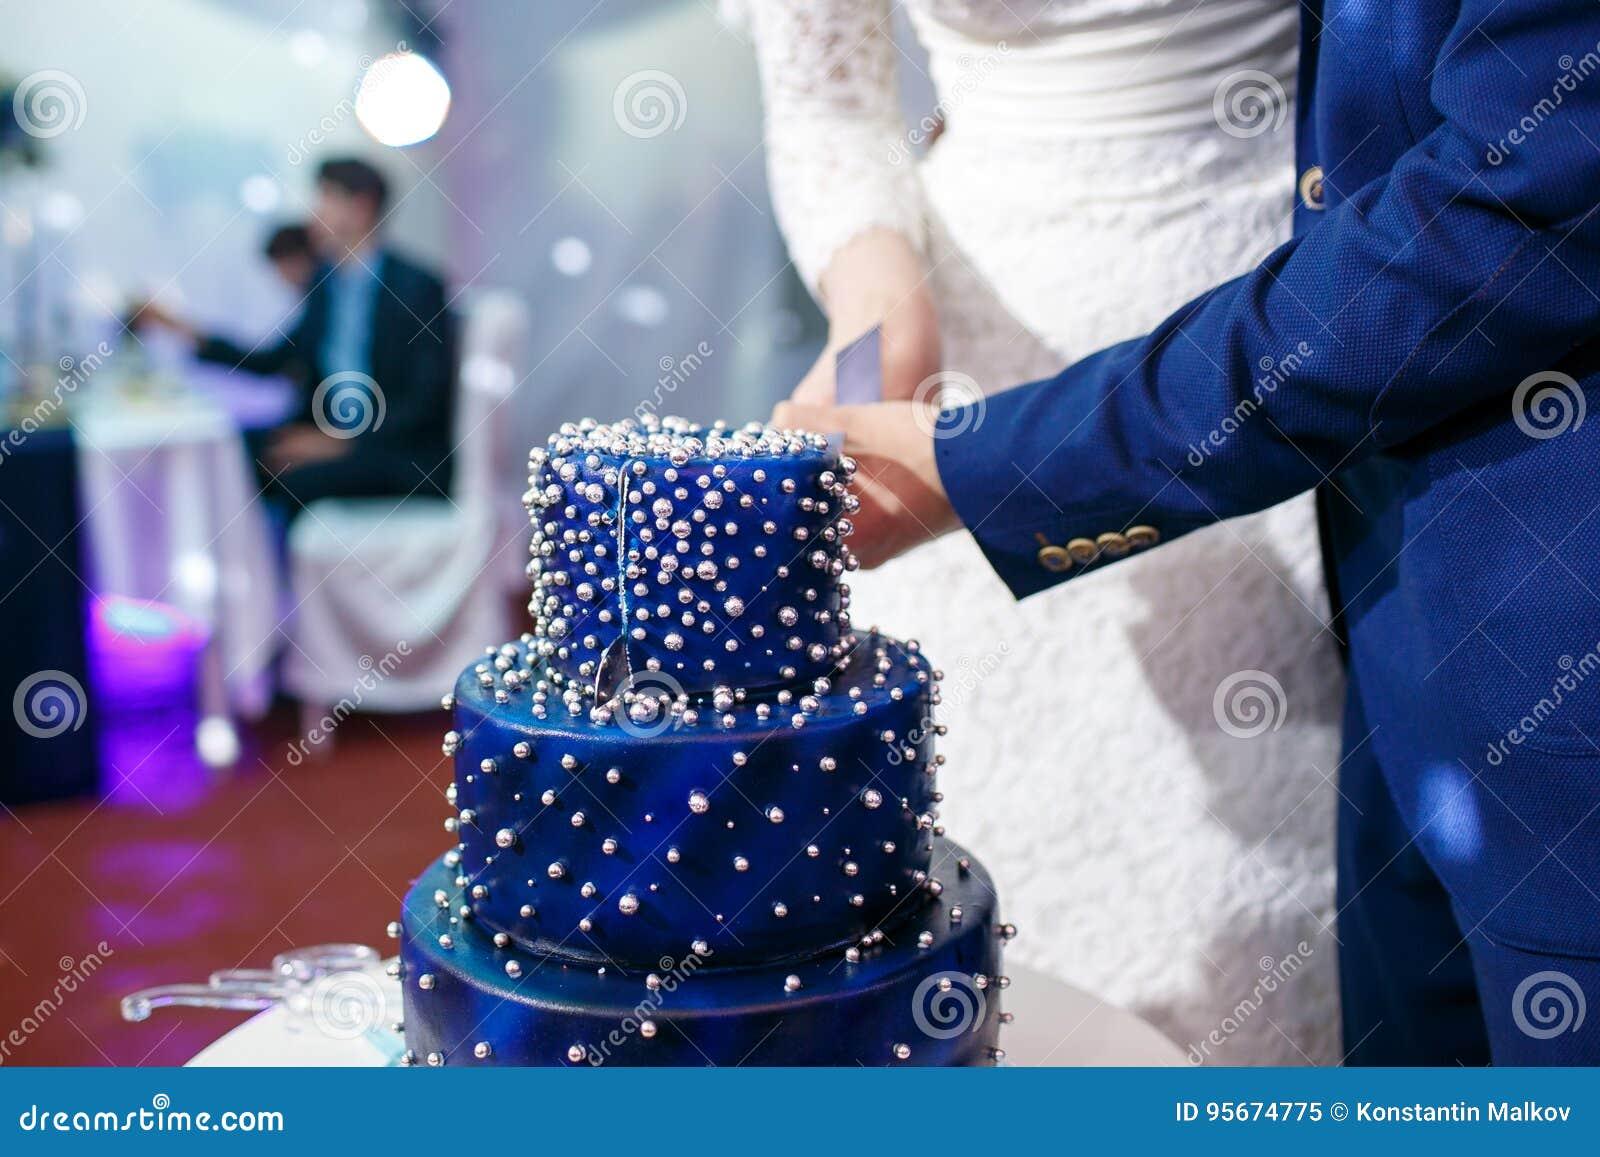 Geschnittene Blaue Hochzeitstorte Der Braut Und Des Brautigams